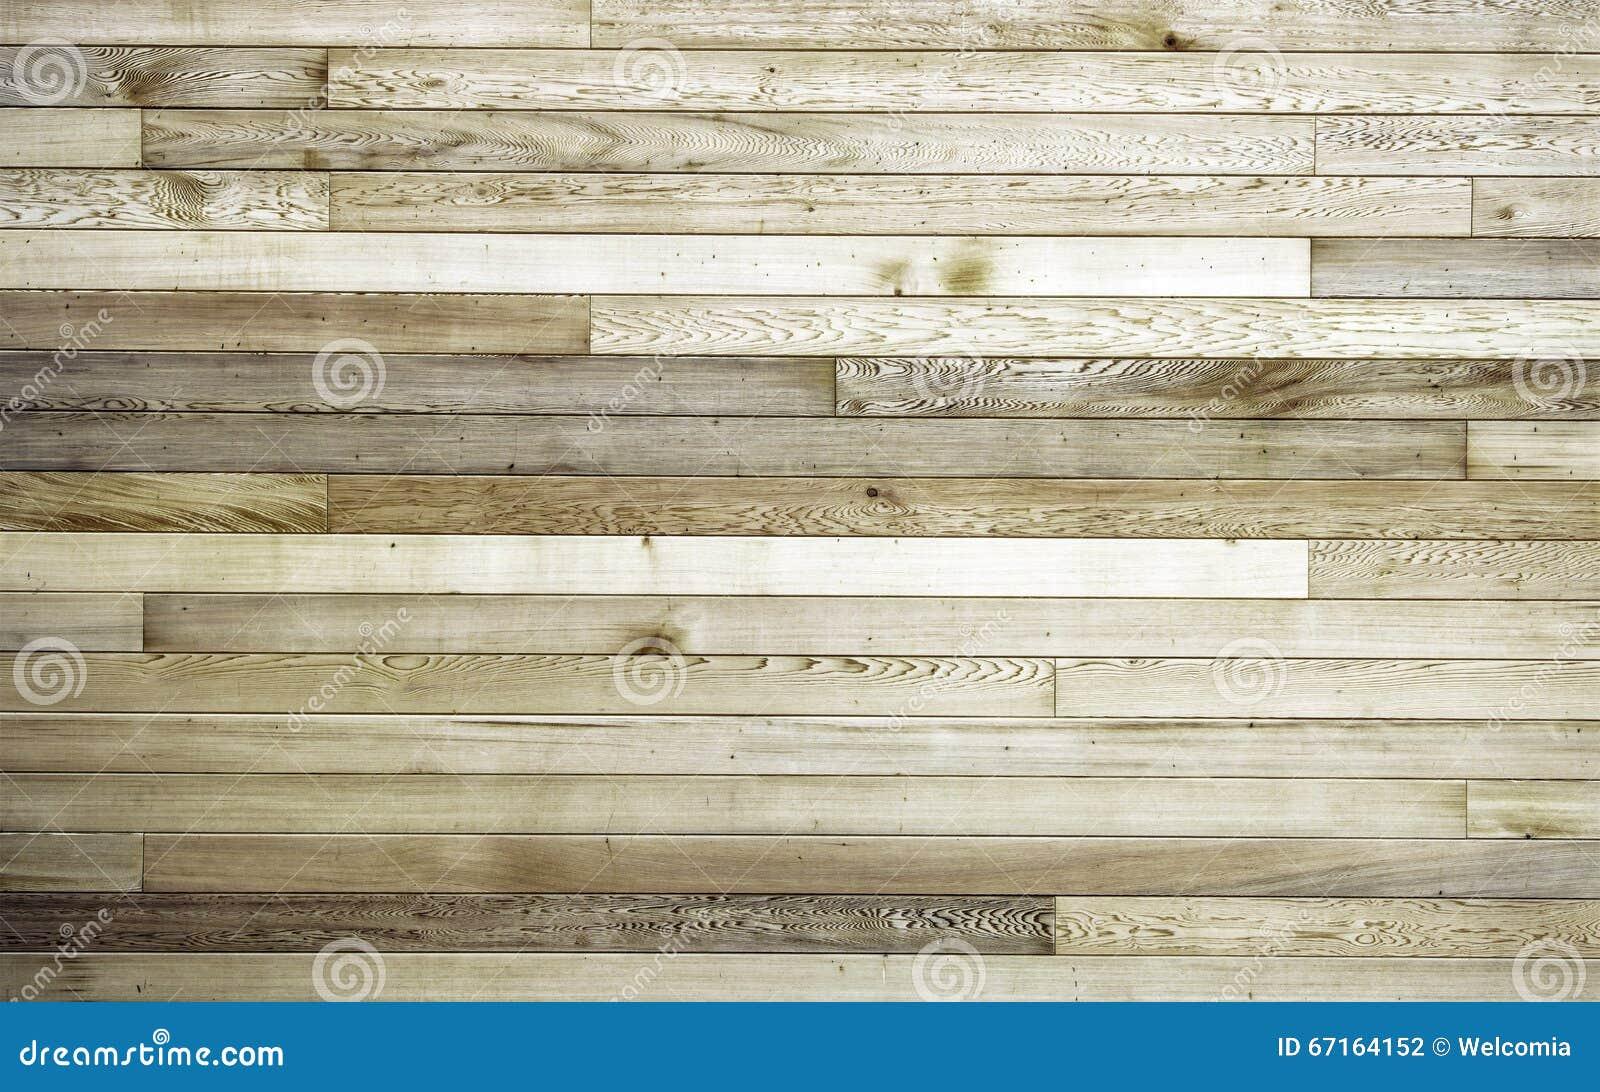 Horizontal wood planks stock photo image of backdrop